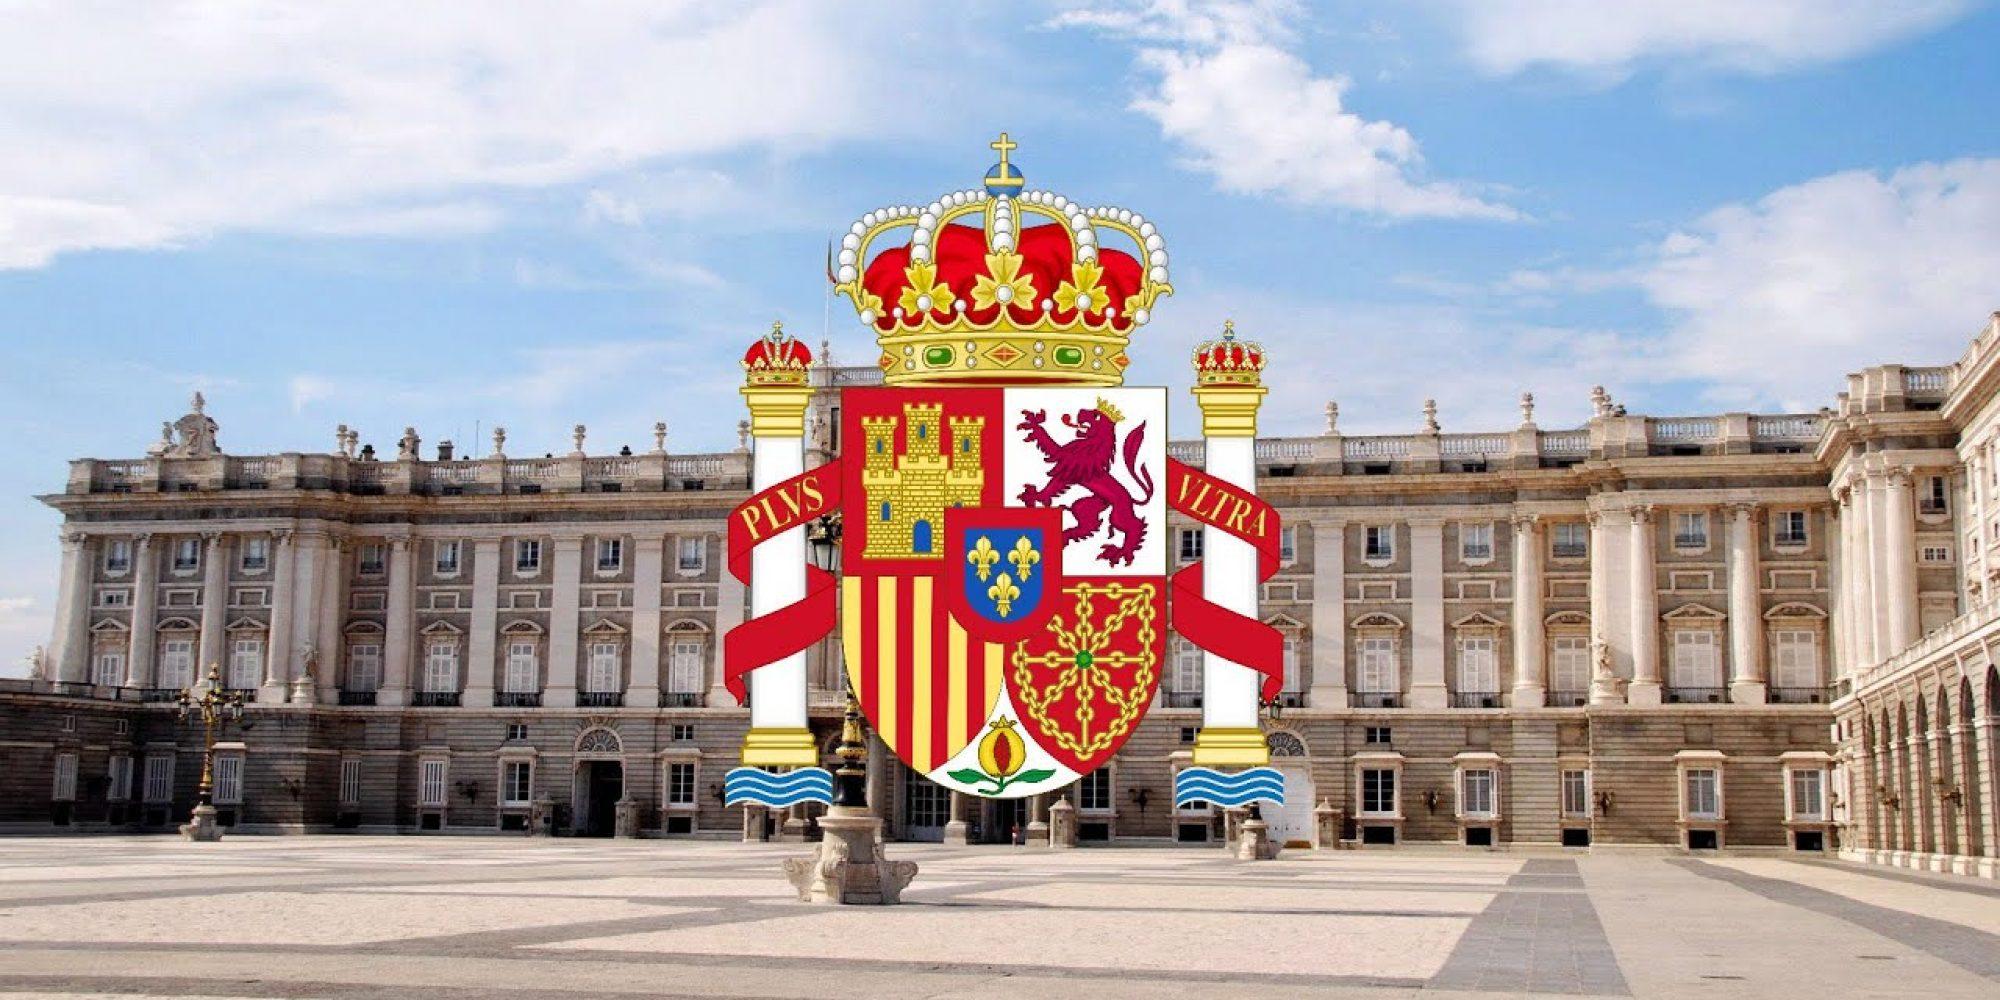 Berita Politik di Spanyol Saat Ini - Eka-partidocarlista